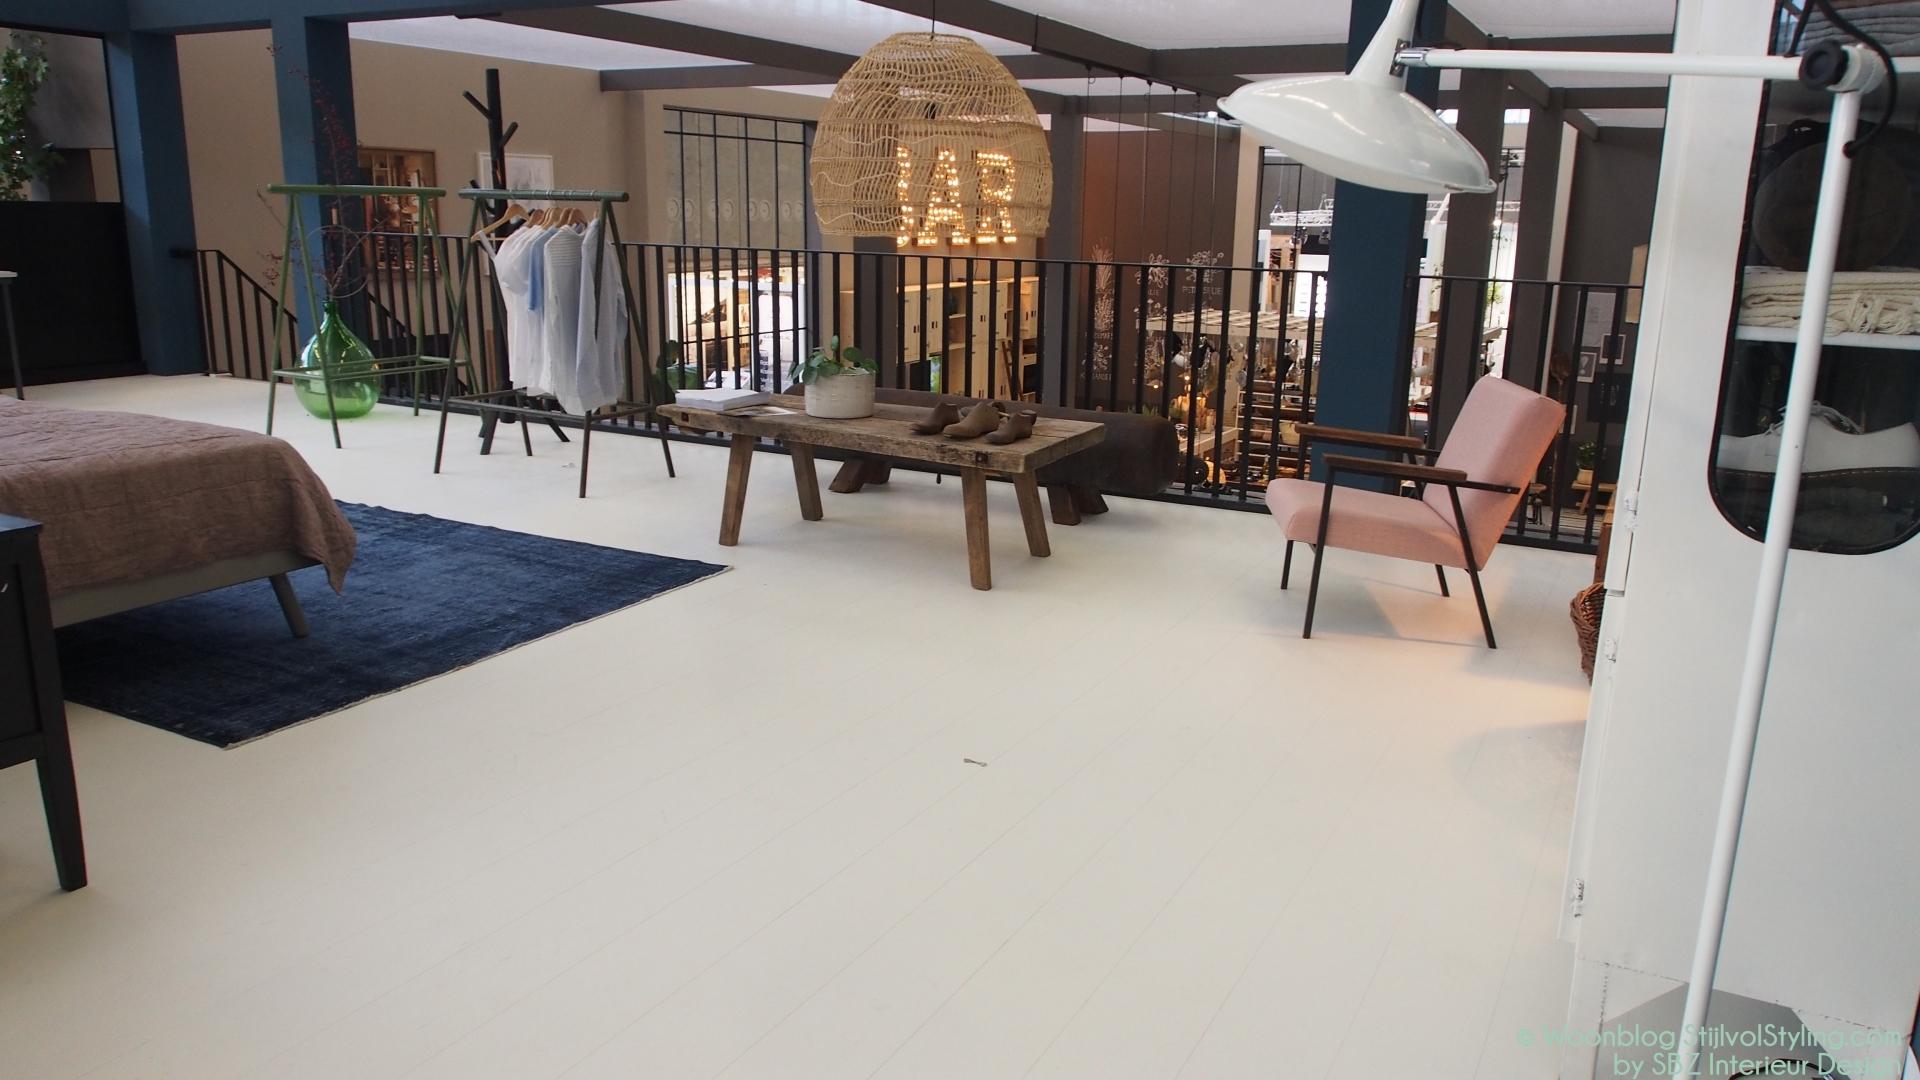 Binnenkijken het vtwonen huis stijlvol styling woonblog for Interieur design huis